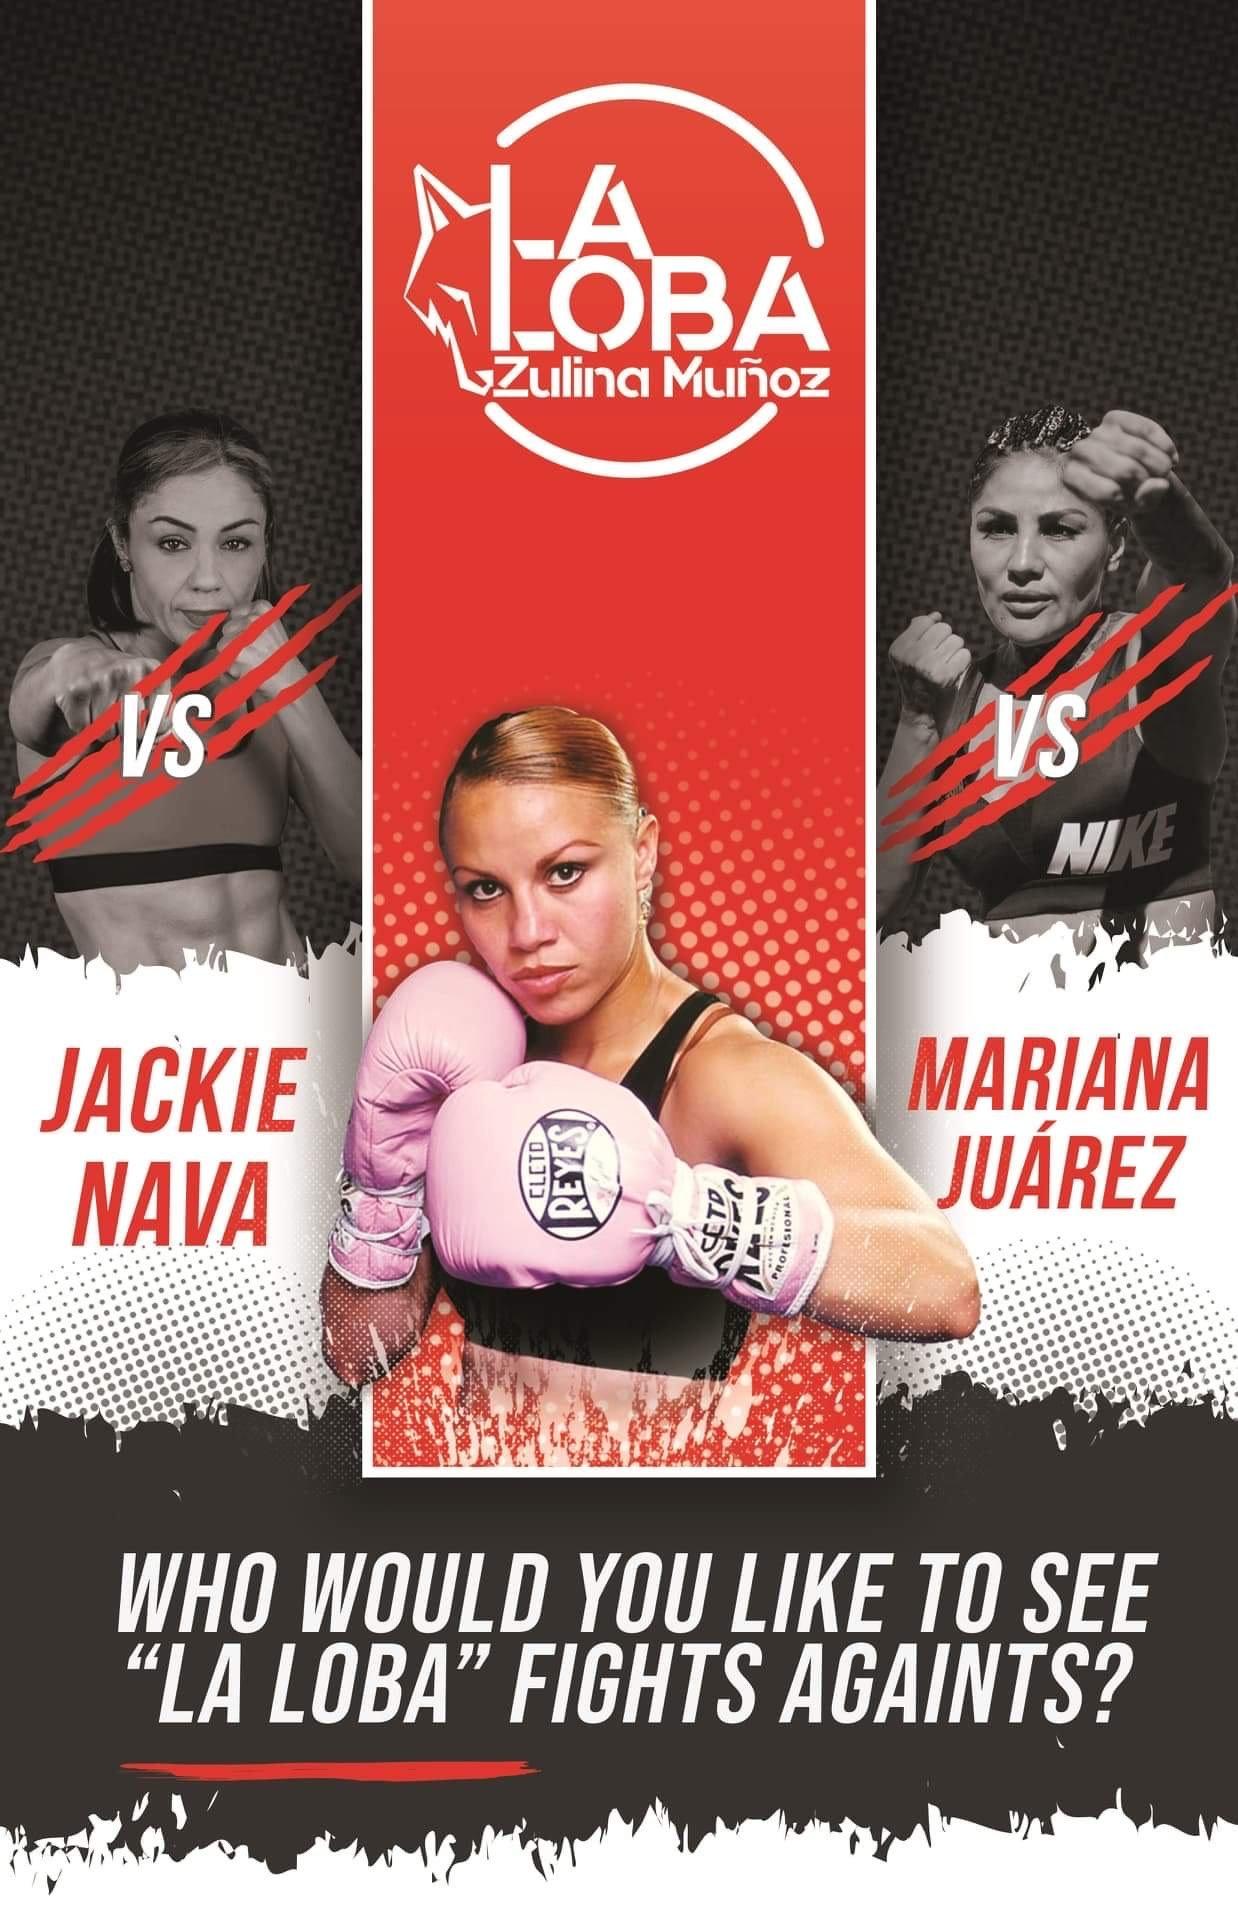 """Zulina """"Loba"""" Muñoz Wants a Big Fight"""